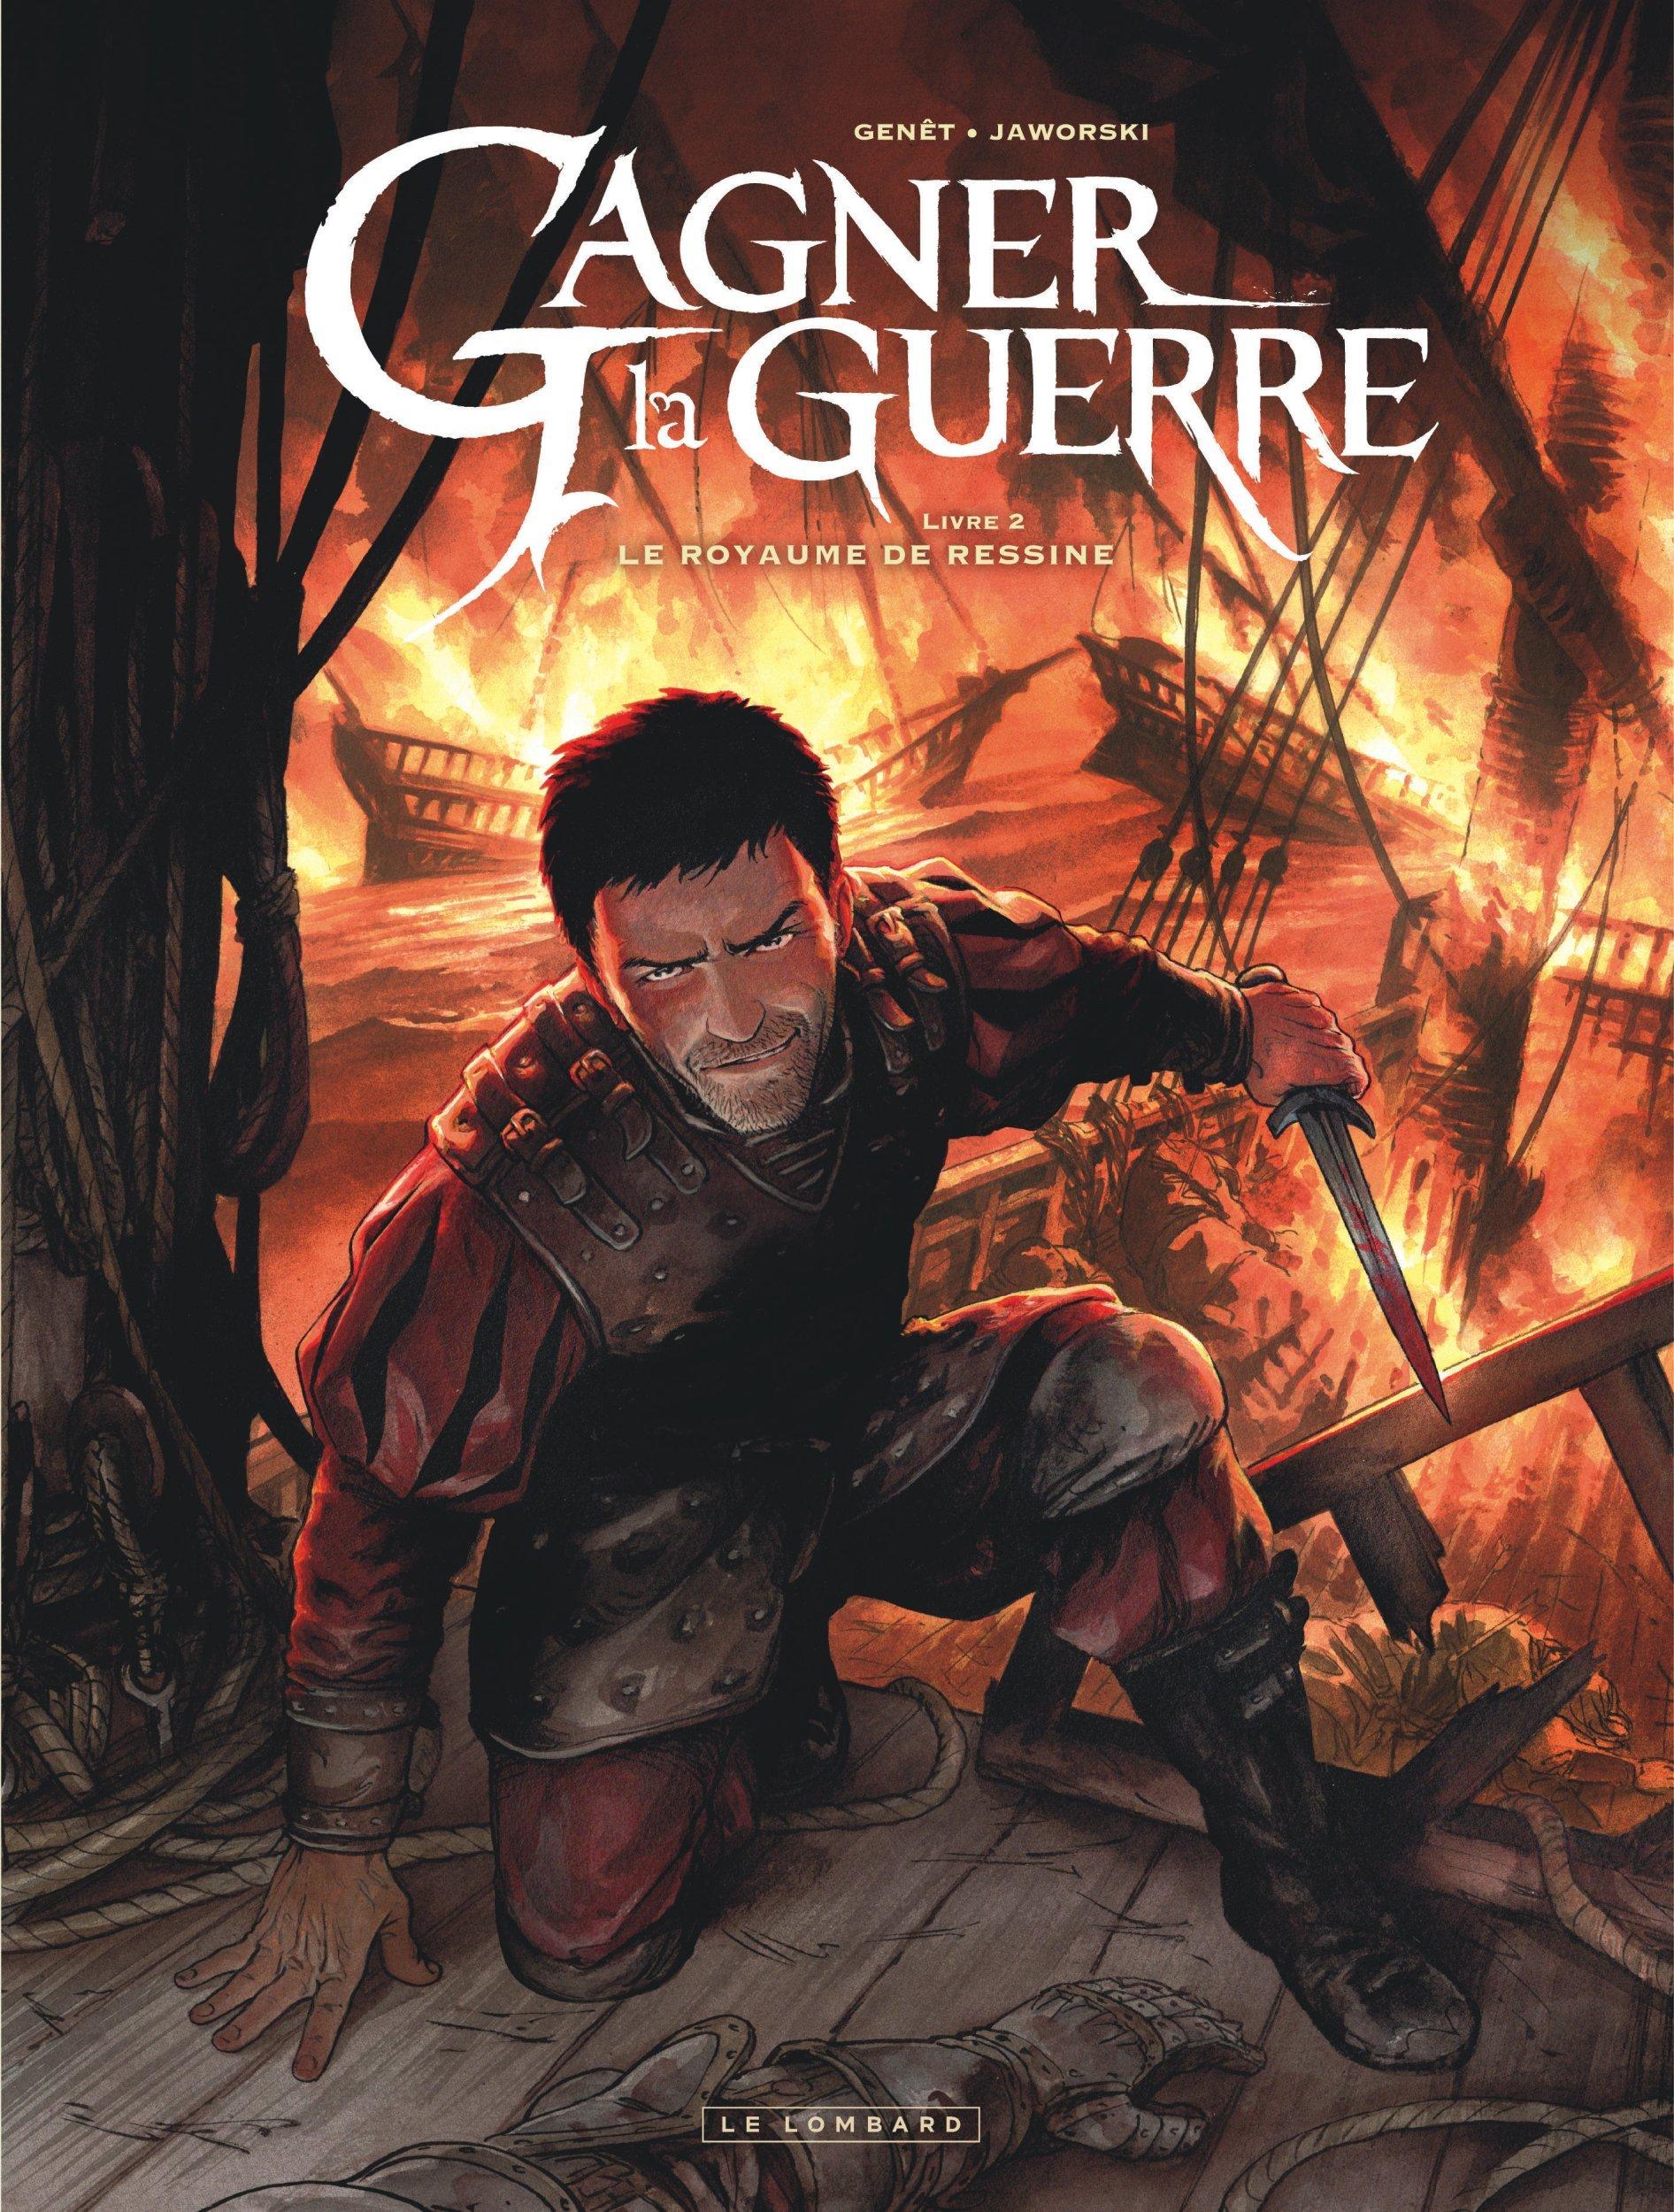 GAGNER LA GUERRE - TOME 2 - LE ROYAUME DE RESSINE